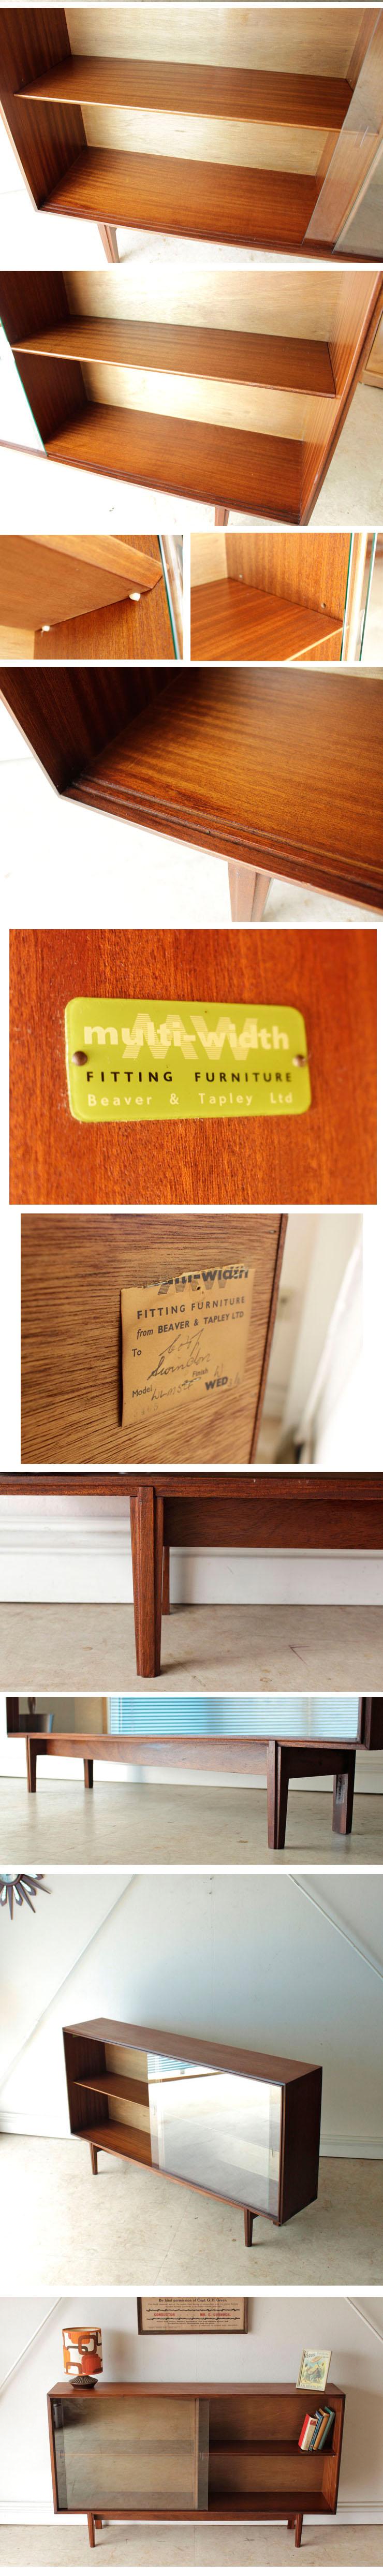 イギリス・ビンテージ・ブックケース・本棚・ミッドセンチュリー・チーク